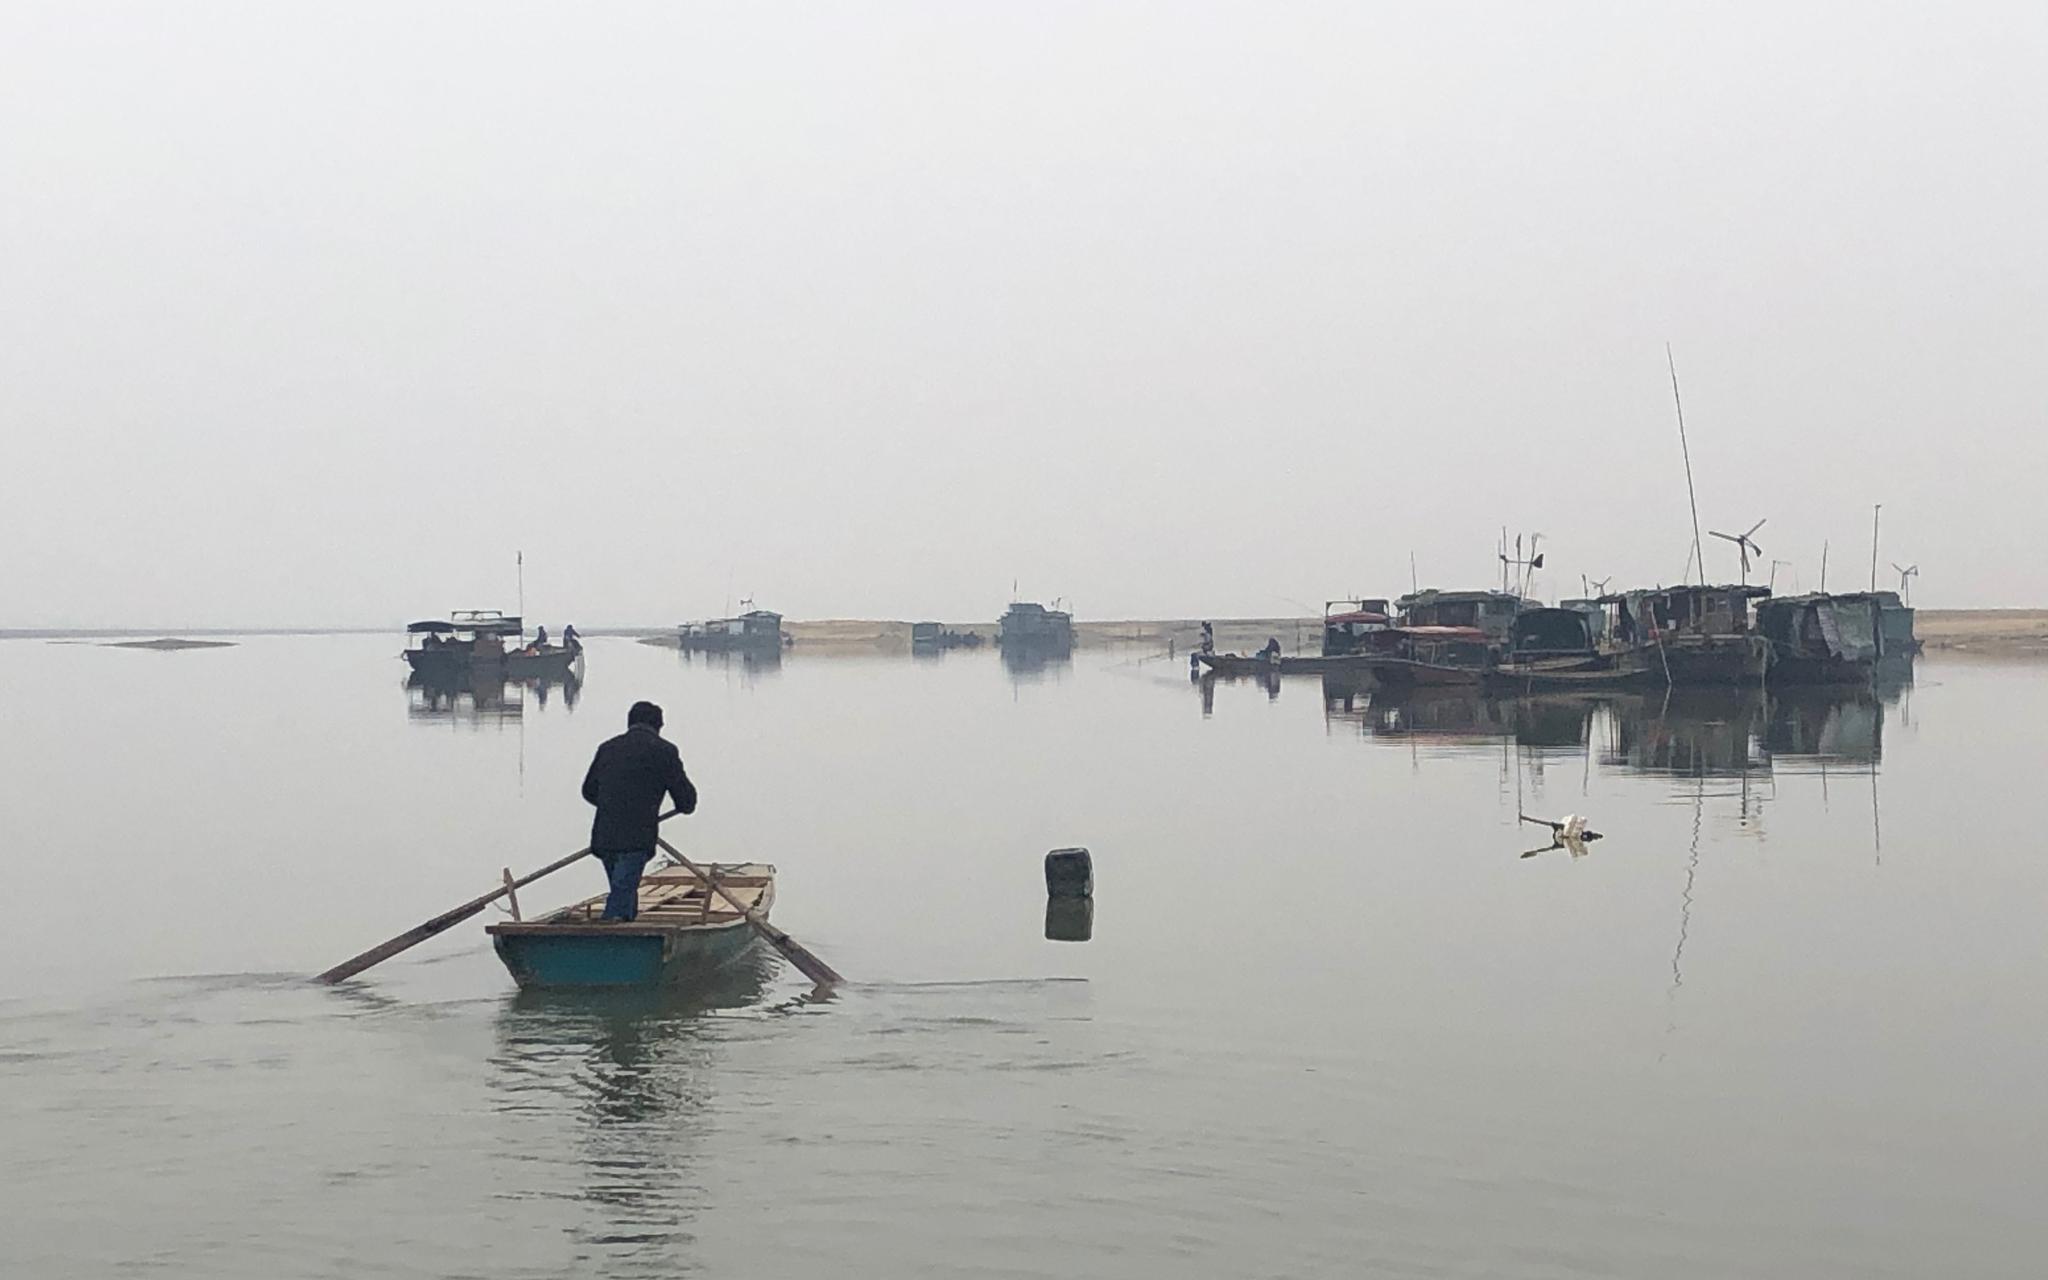 渔民划着小木船驶向停在湖中的生活船。新京报记者 韩沁珂 摄